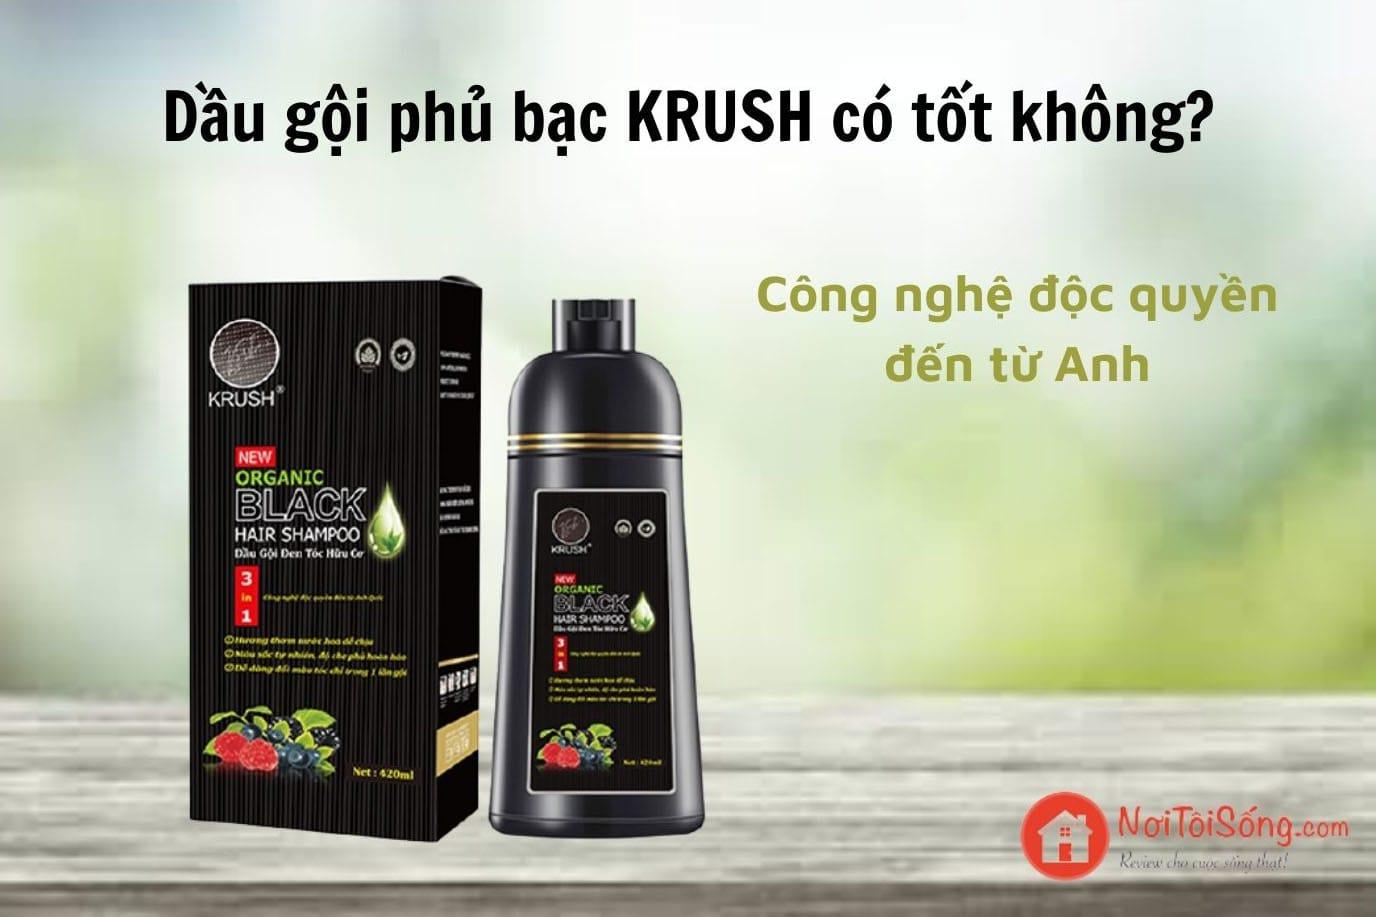 Review dầu gội phủ bạc Krush có tốt không?